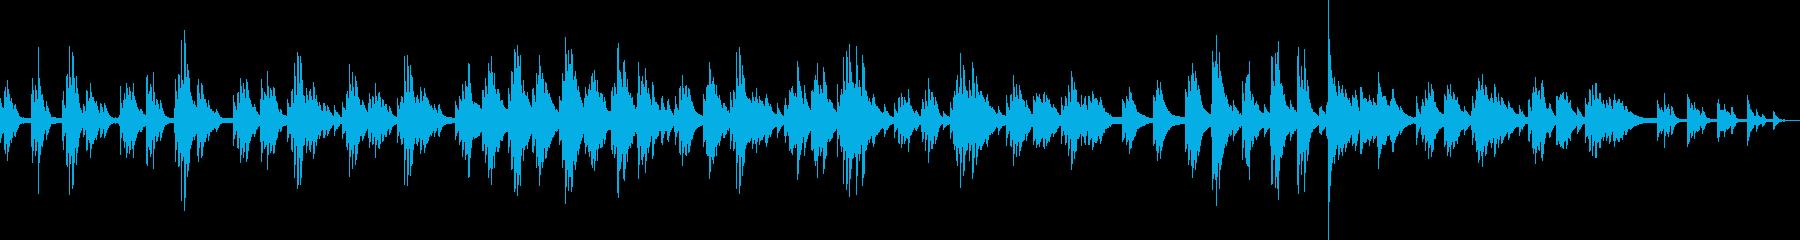 しっとり美しいピアノバラード(独奏)の再生済みの波形